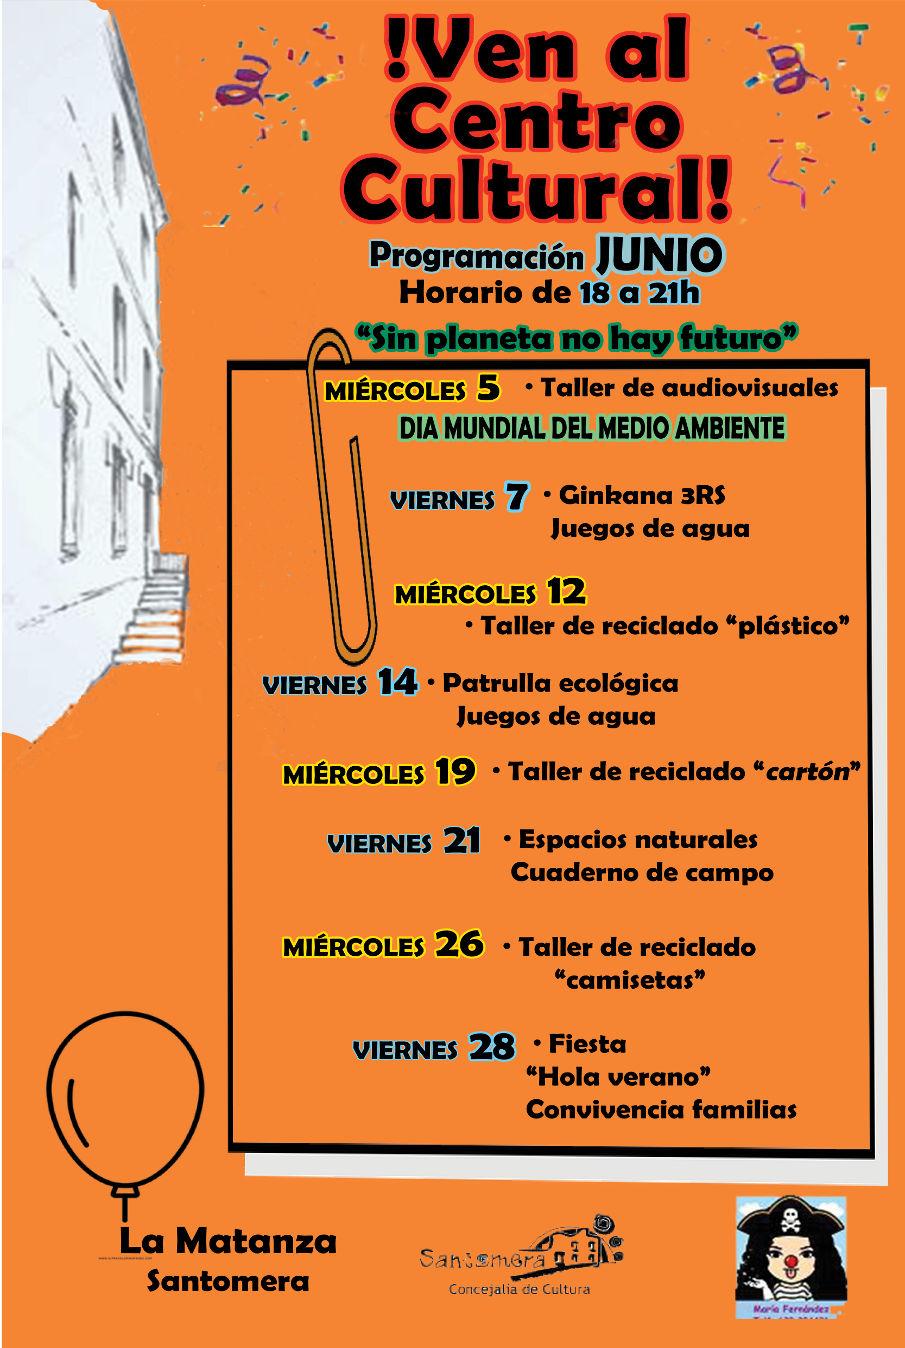 201906_Programacion centro cultural La Matanza